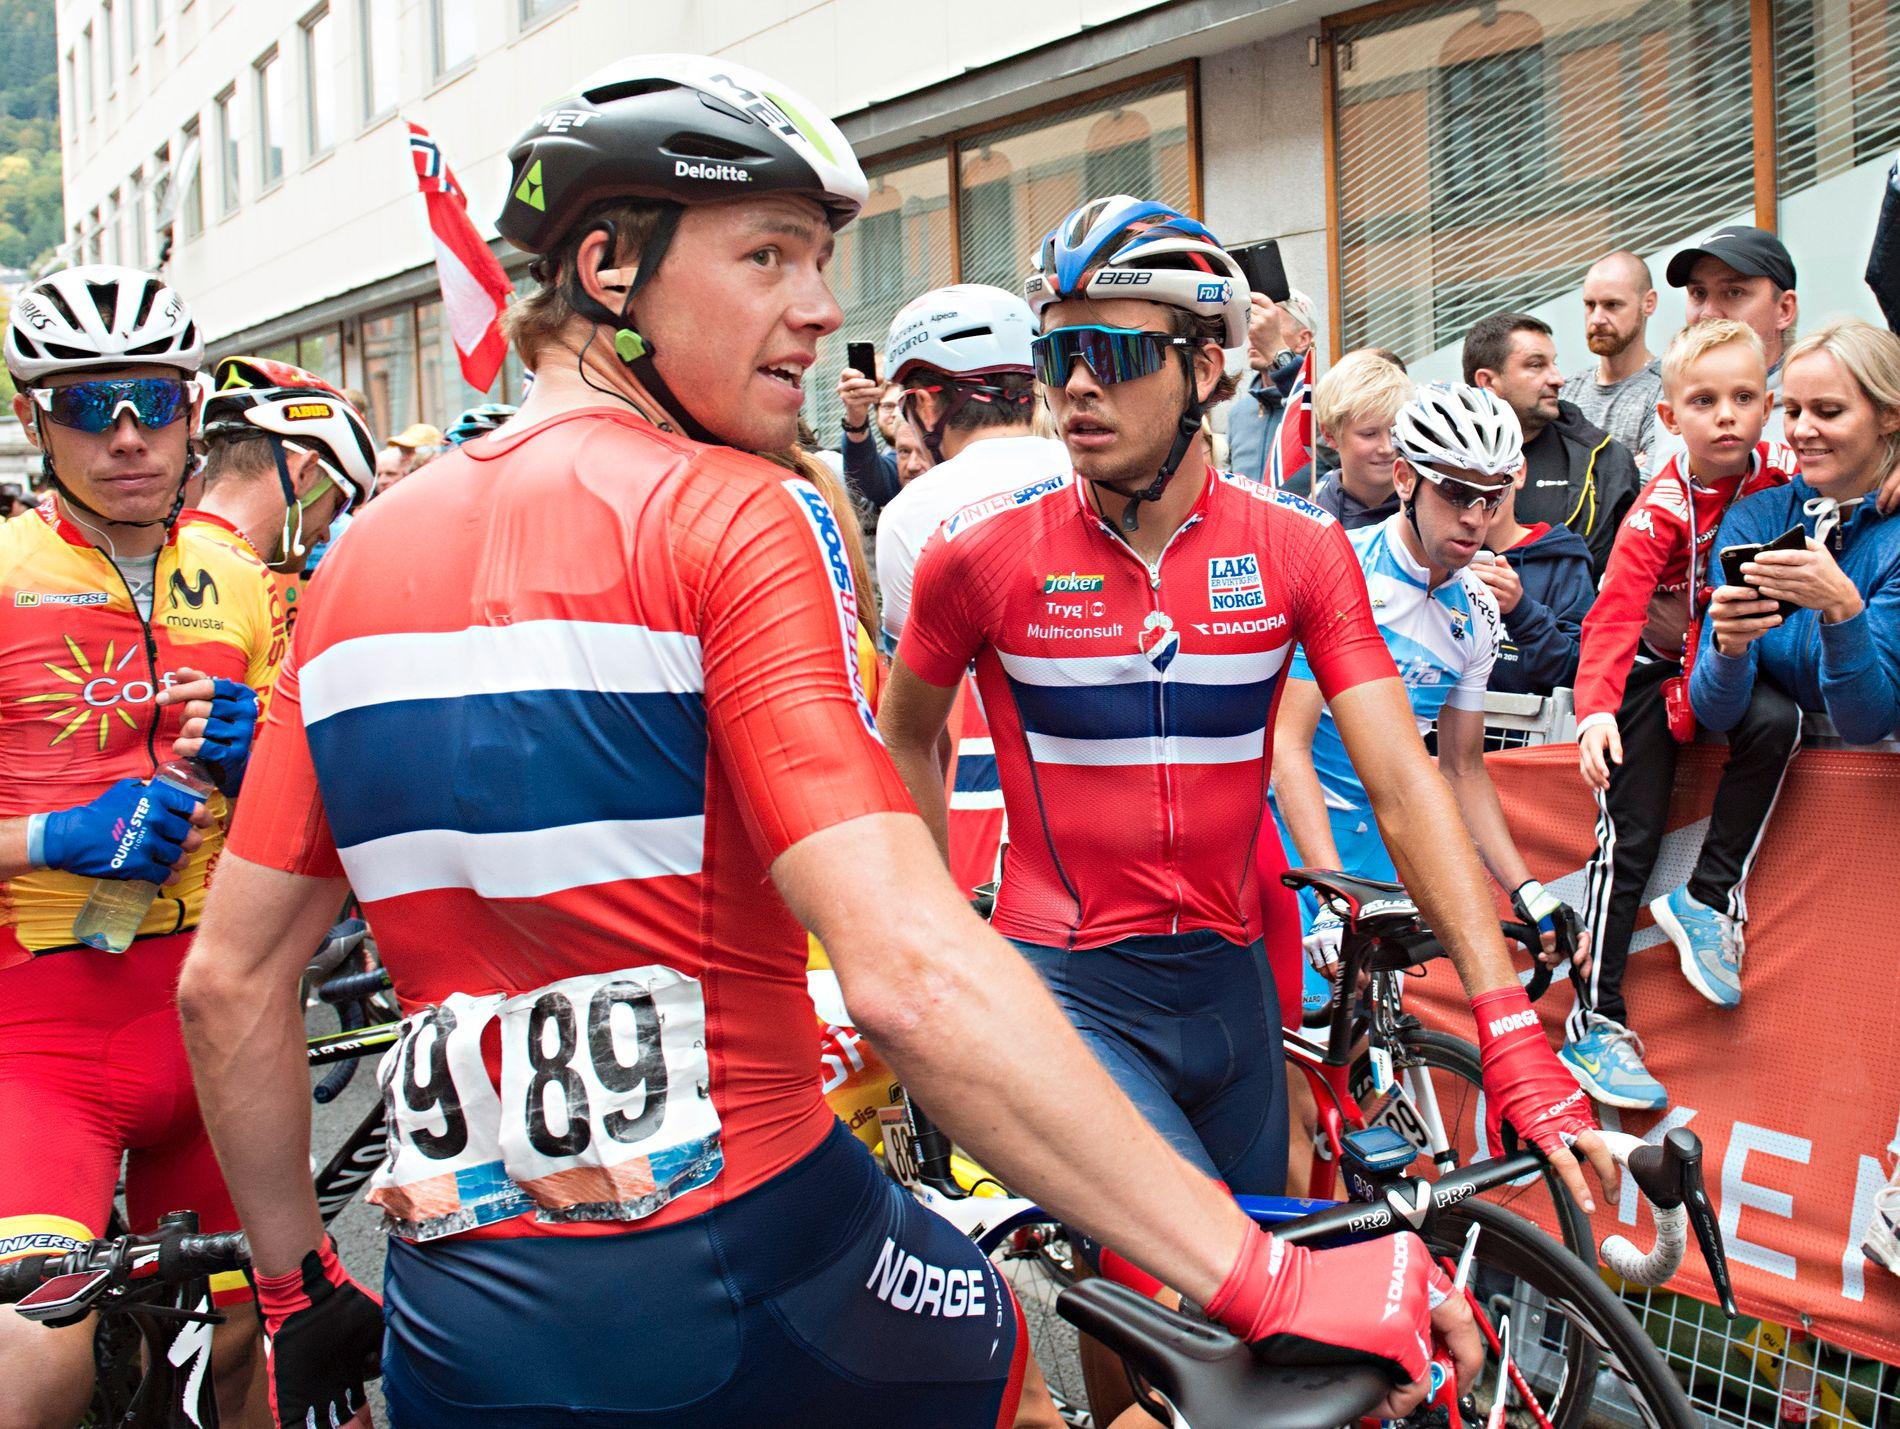 NORSK DAG? Edvald Boasson Hagen og Odd Christian Eiking, her fra VM i Bergen i 2017, kan begge finne på noe på den femte etappen.